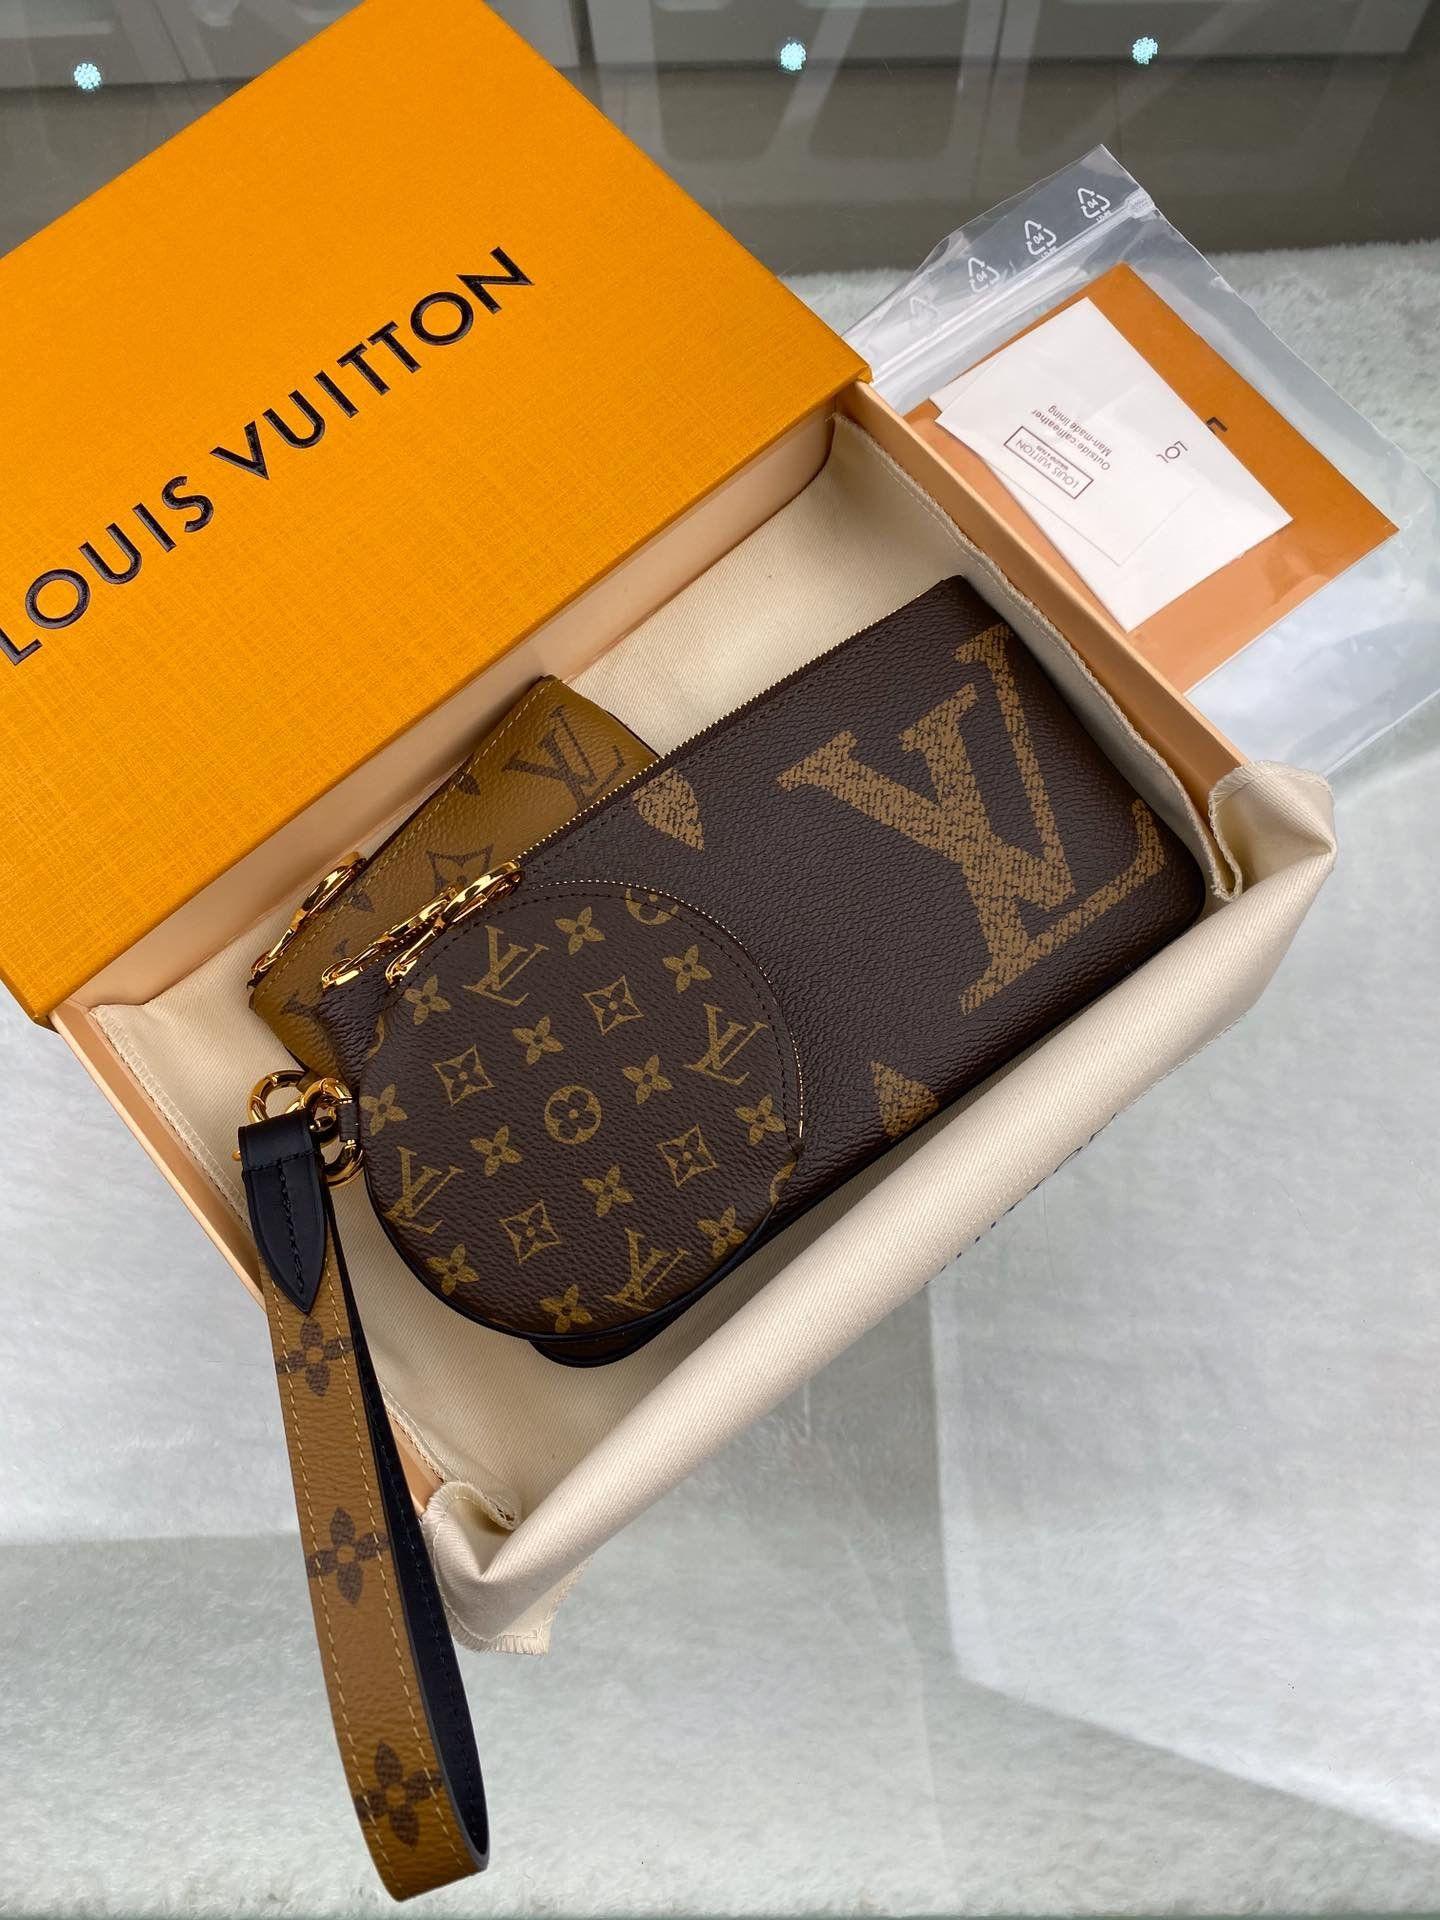 Trio Pouch luxe Mode petit Sacs à main femmes célèbres marques Designer Sacs à bandoulière femmes Sacs à bandoulière 2020 Porte-Famale Sacs à main